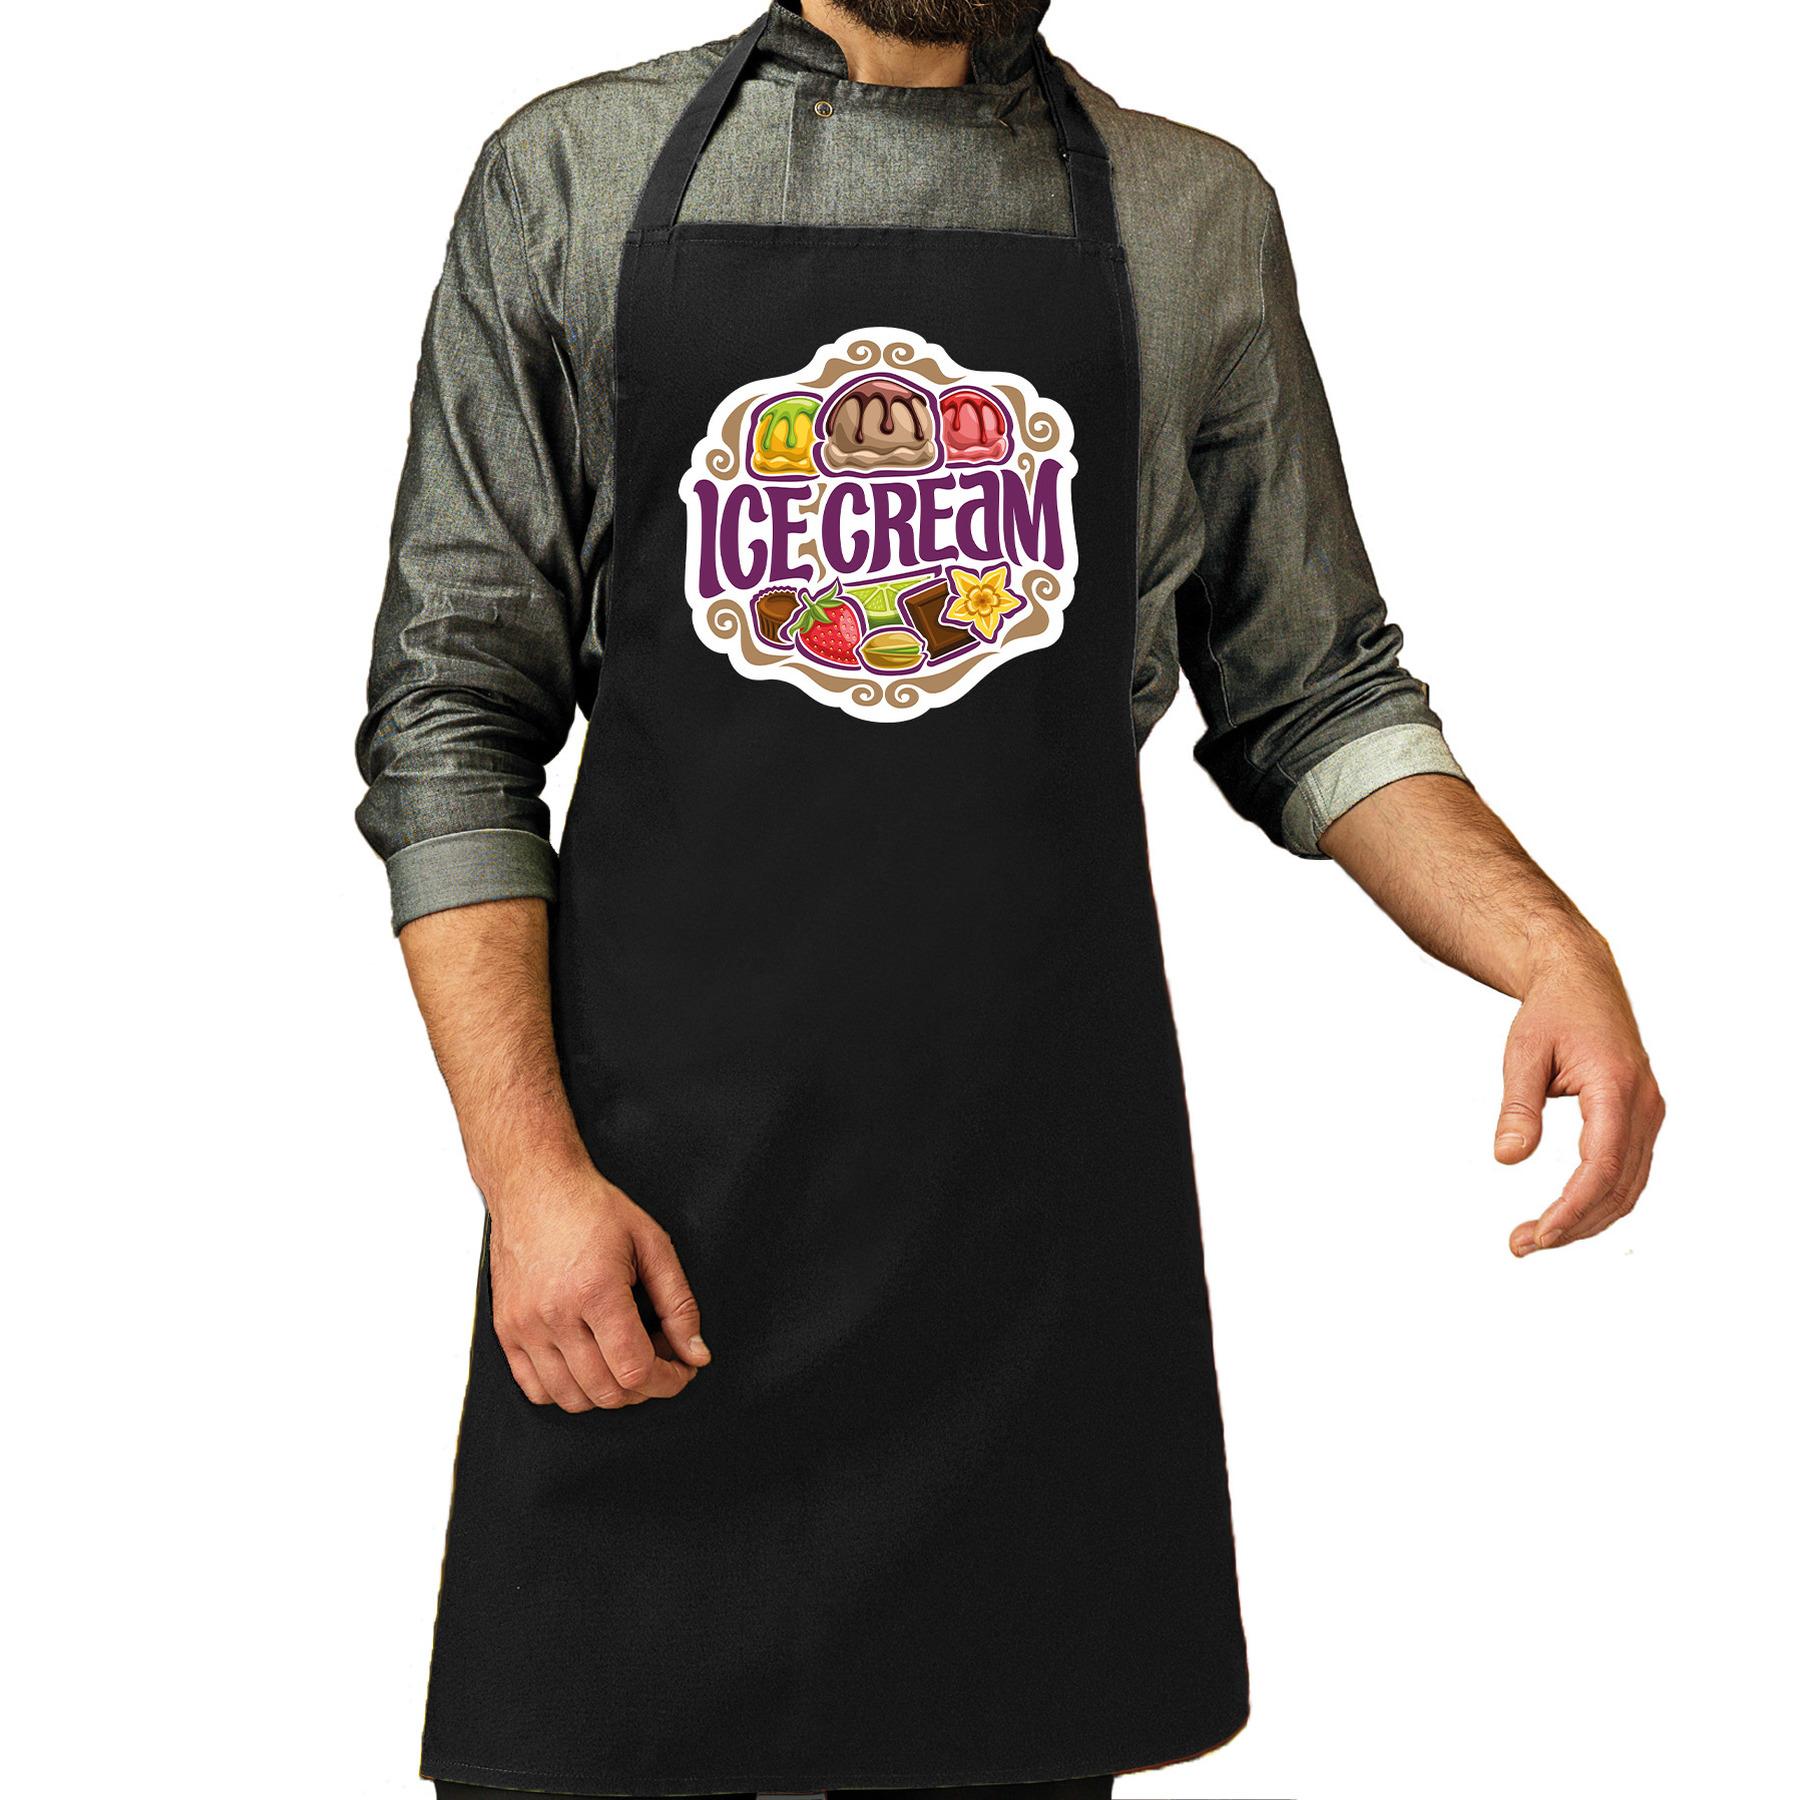 Ice cream schort - keukenschort zwart heren